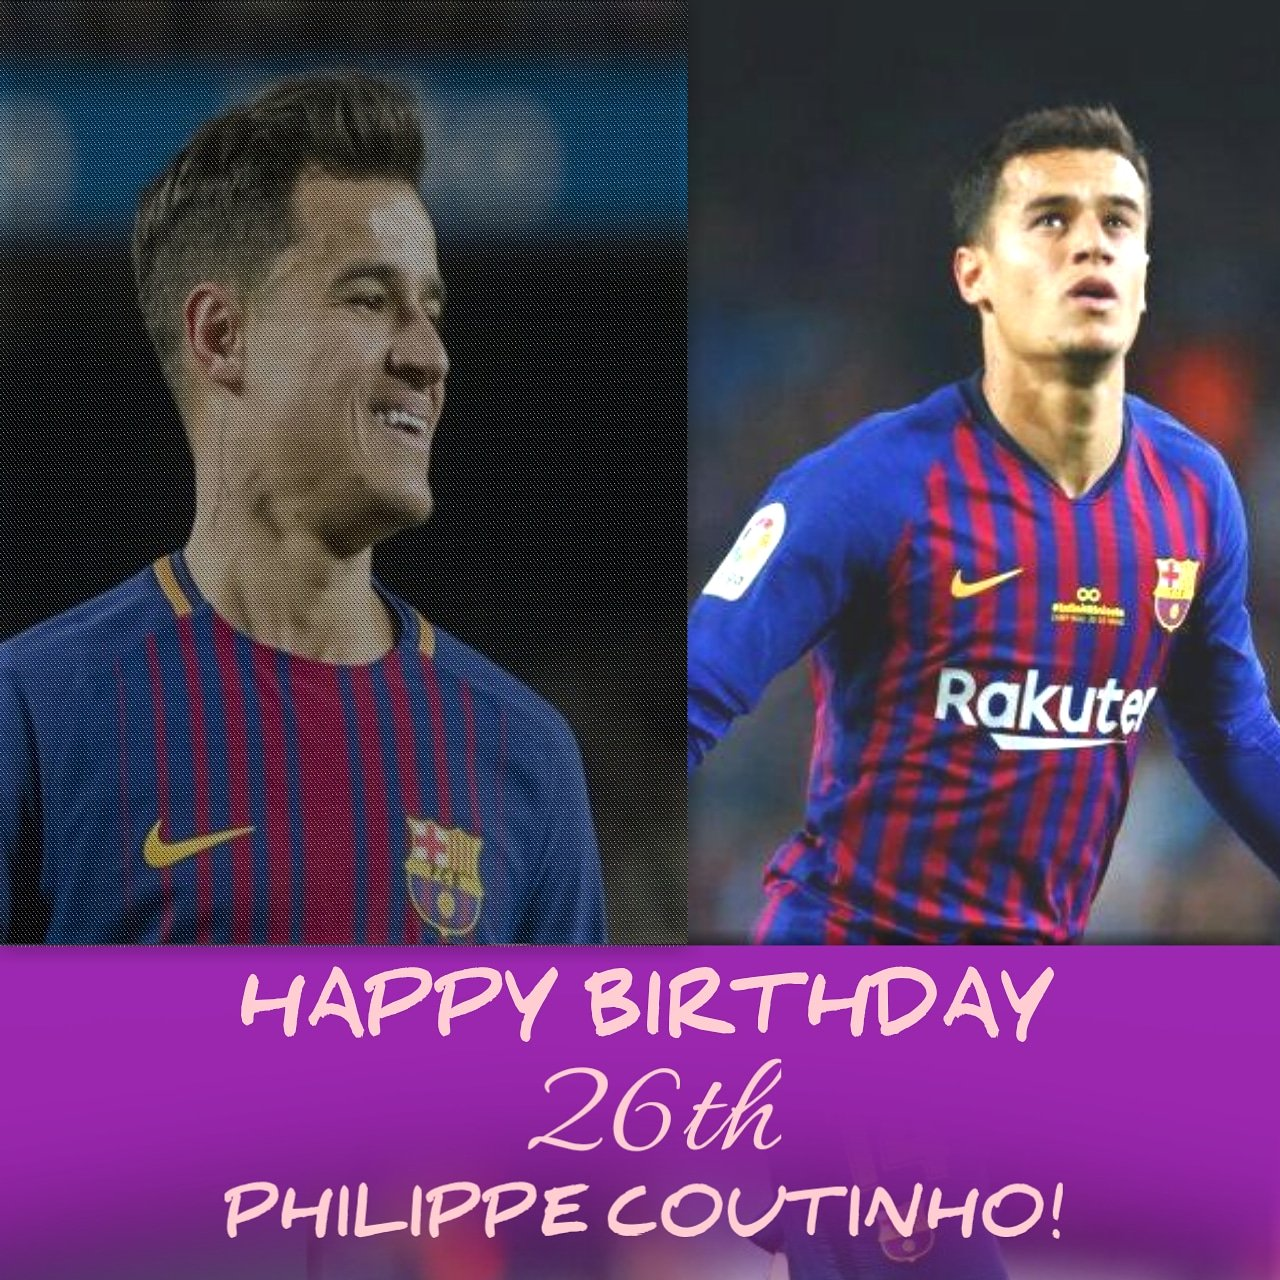 HAPPY BIRTHDAY 26TH PHILIPPE COUTINHO!  Semoga makin sukses dan meraih banyak gelar di Barcelona